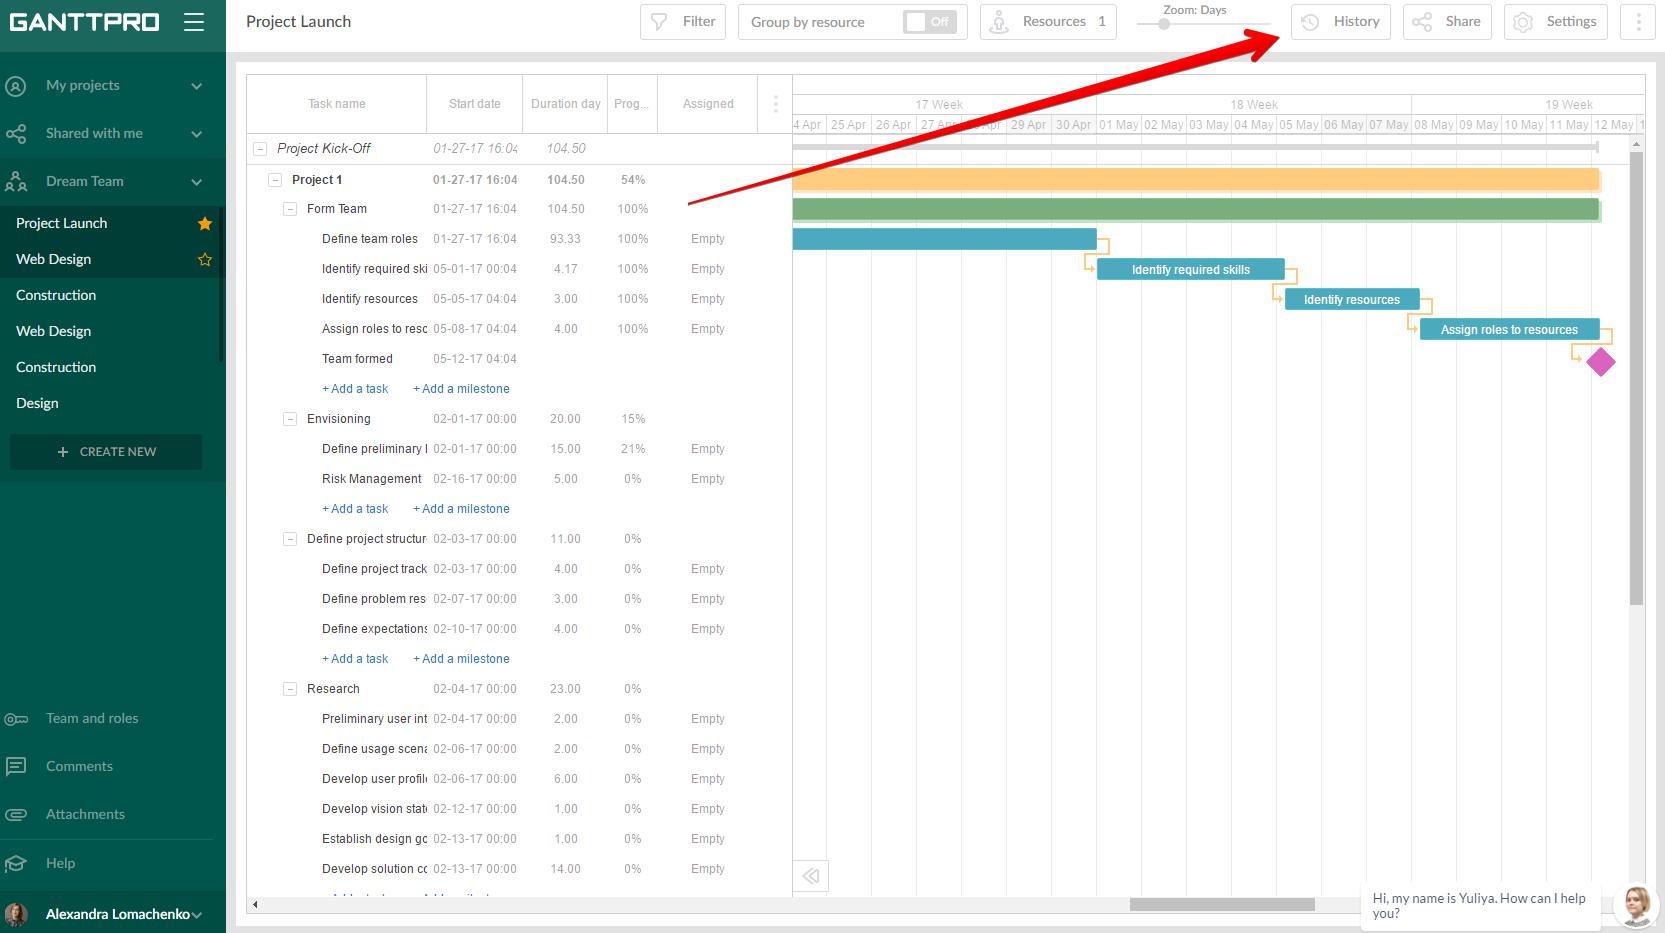 OpenVPN в Microsoft Azure для виртуального объединения подписок. Опыт GanttPRO — сервиса для управления проектами - 3